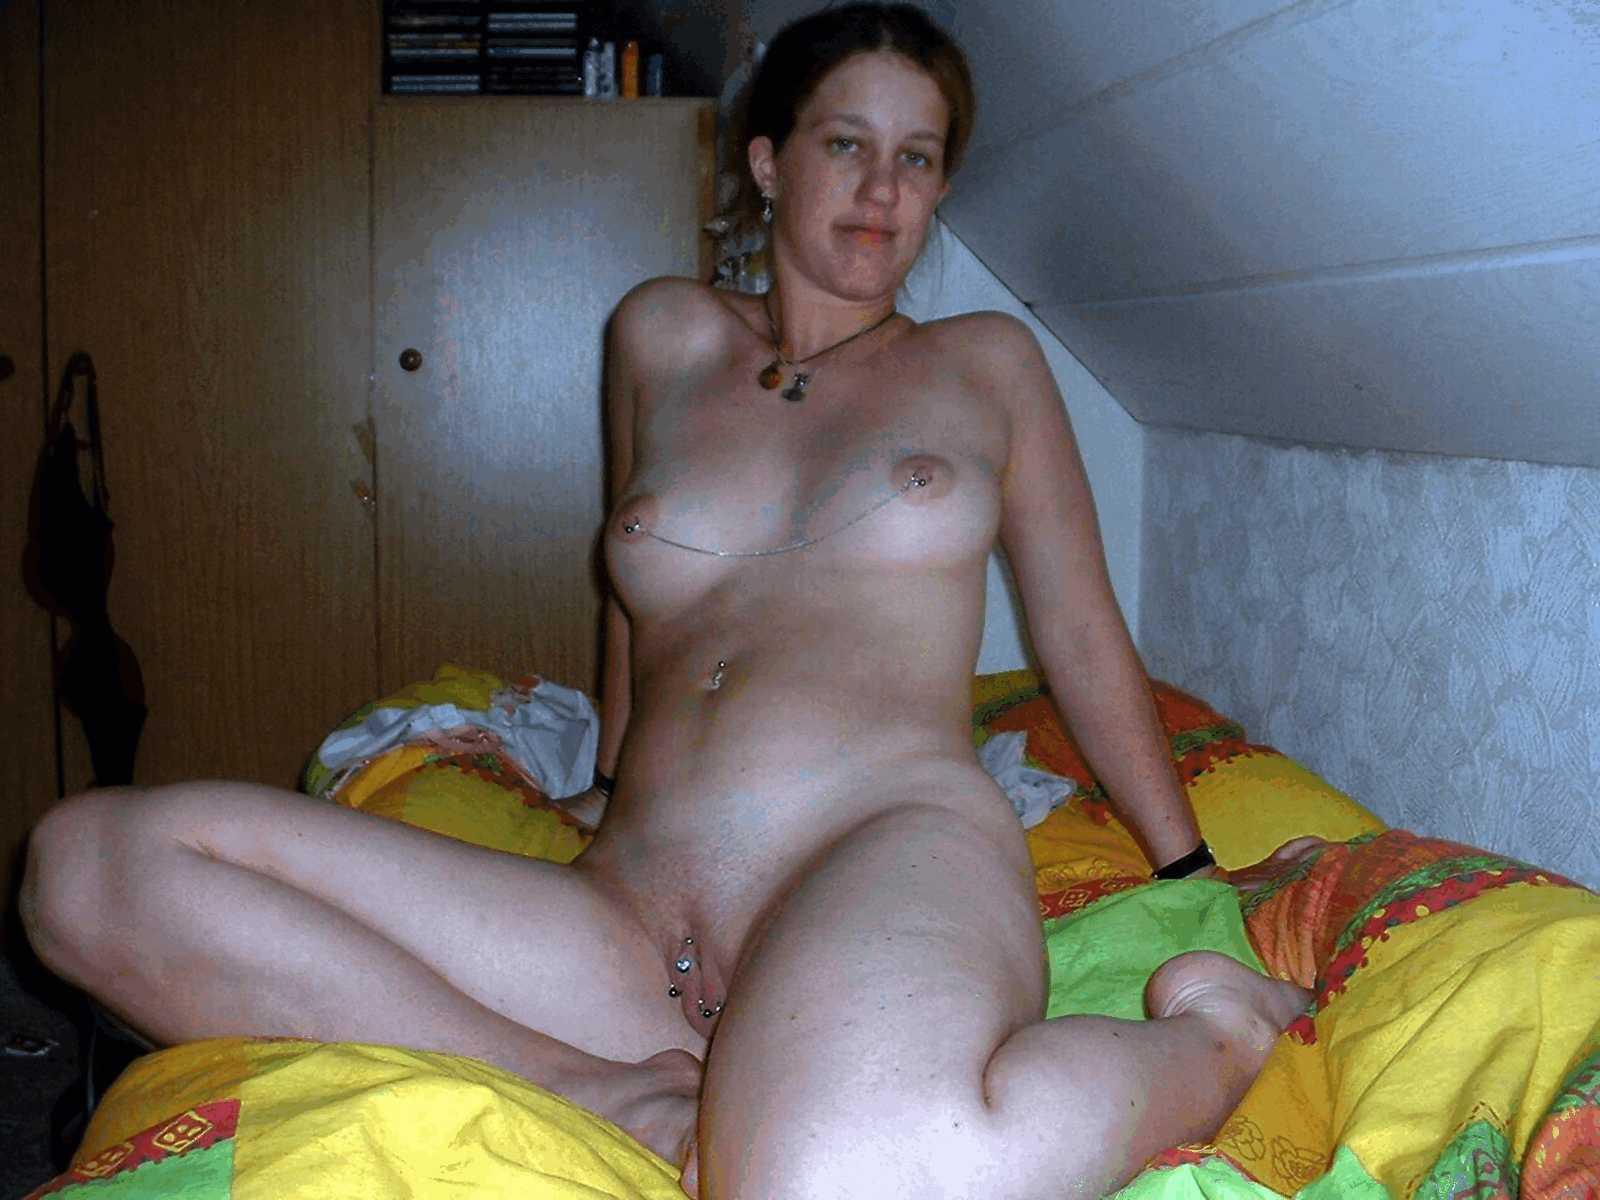 Фото интимных мест женщин рассказы 16 фотография